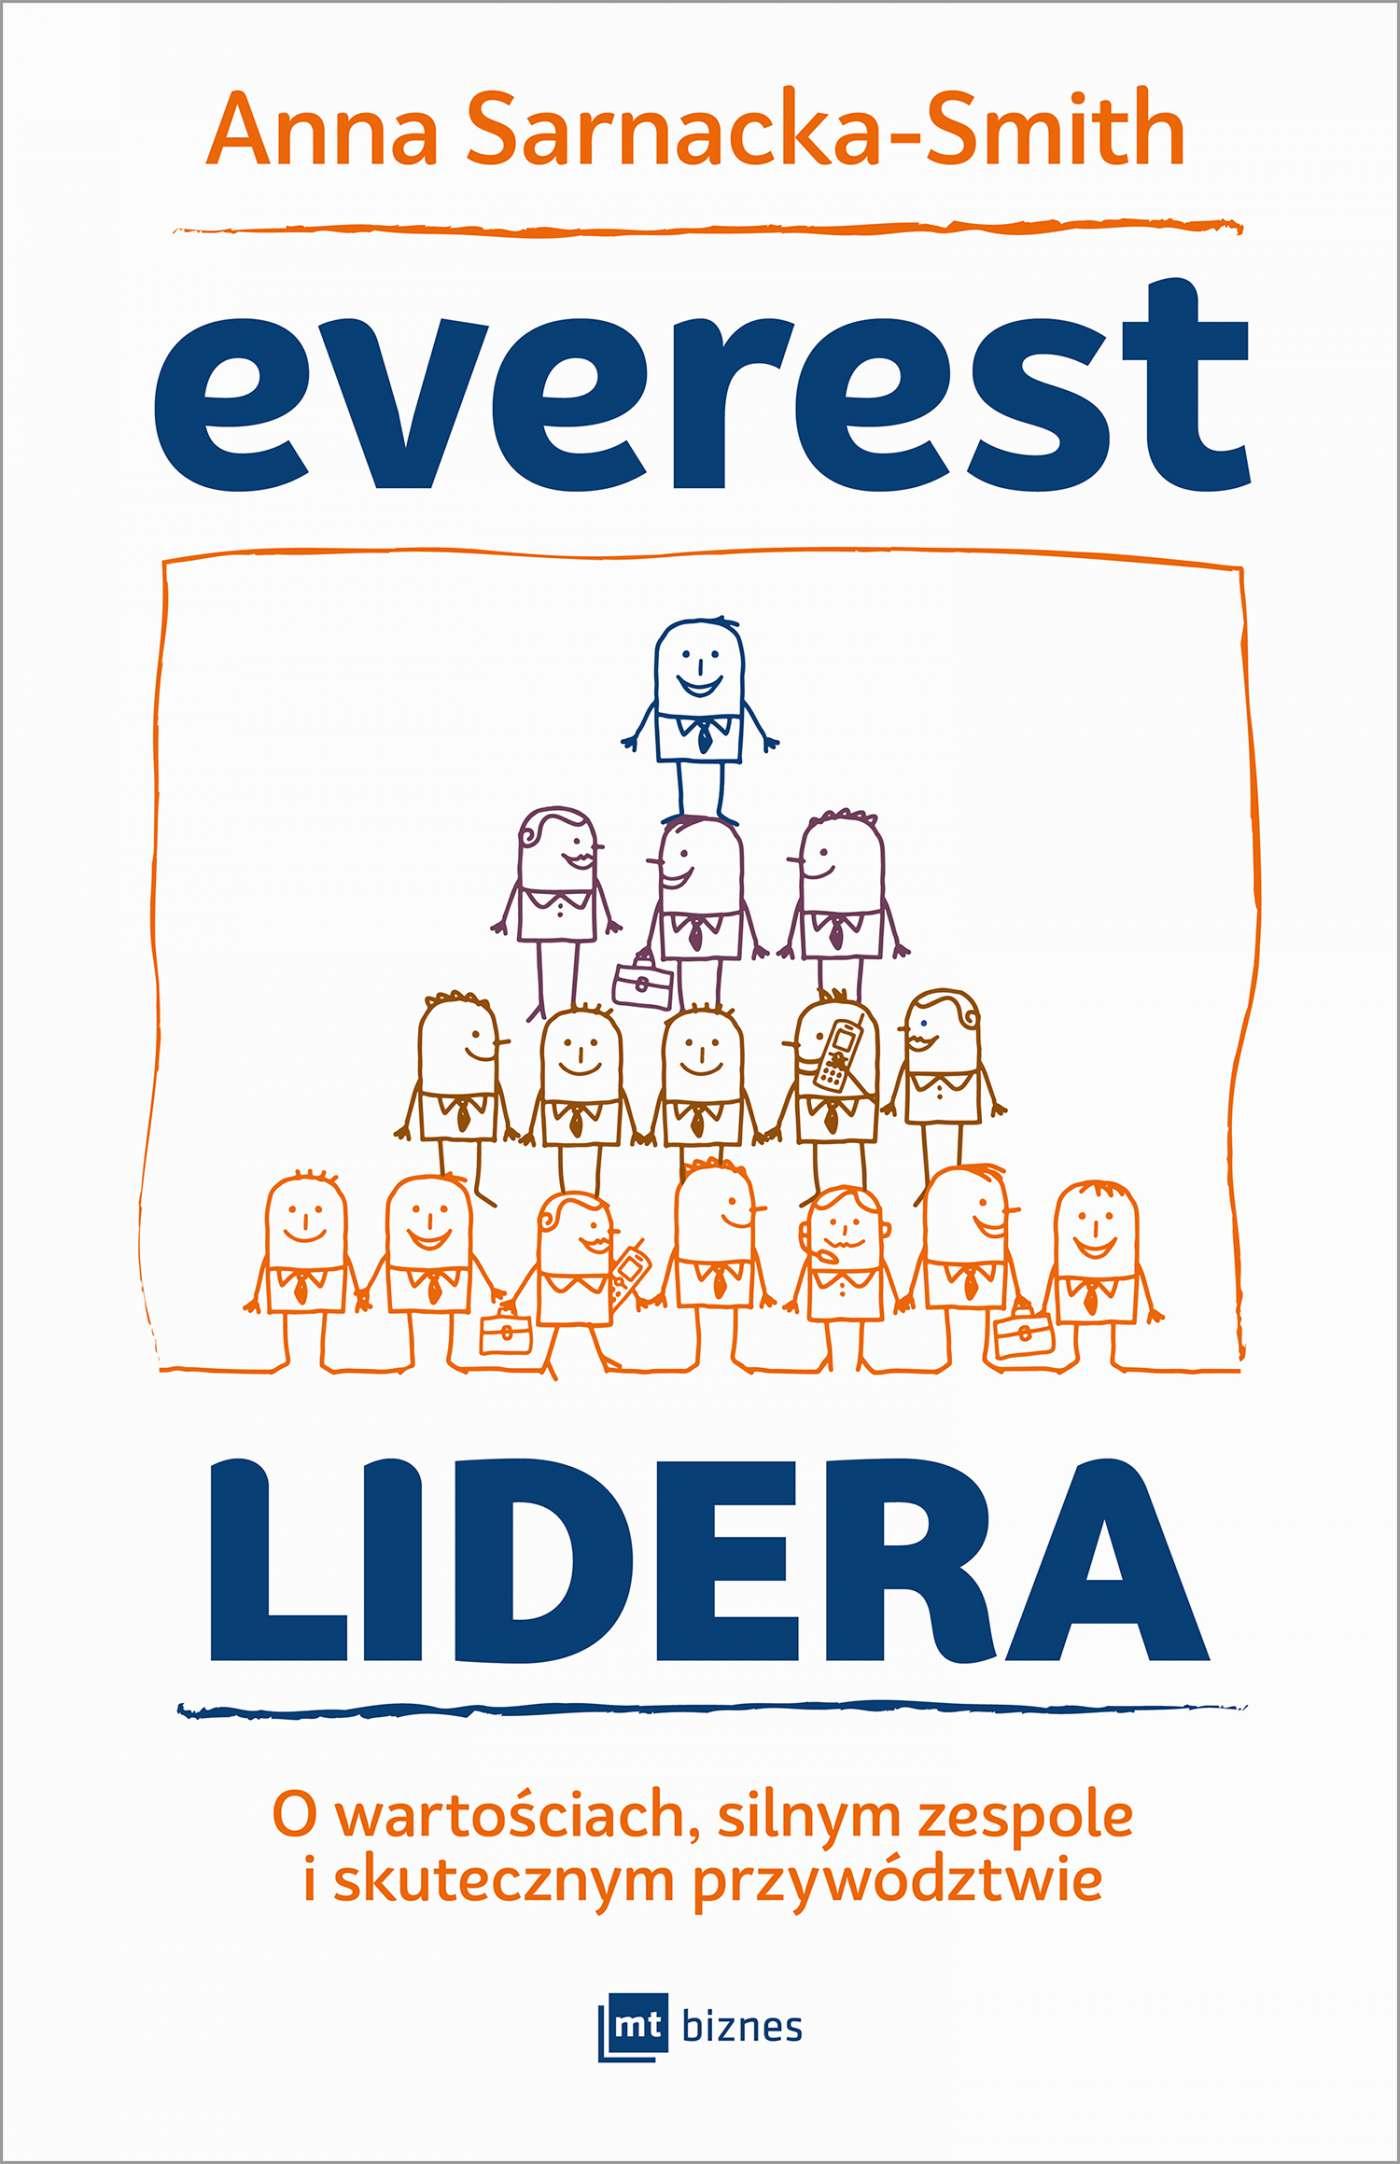 Everest Lidera. O wartościach, silnym zespole i skutecznym przywództwie - Audiobook (Książka audio MP3) do pobrania w całości w archiwum ZIP